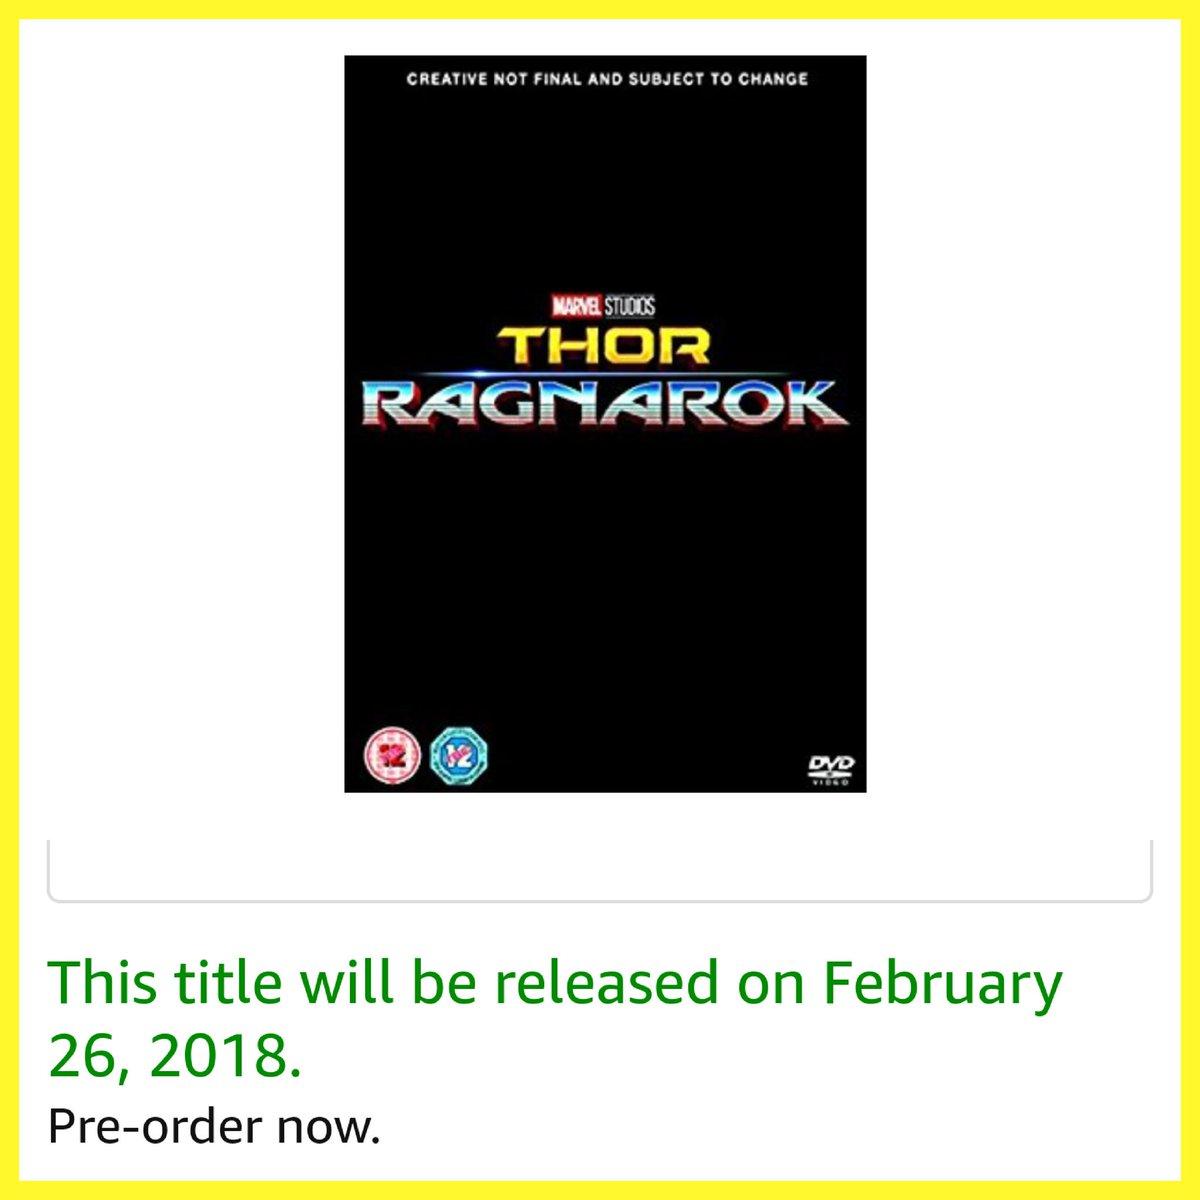 Chris Hemsworth Fans On Twitter Thor Ragnarok Dvd Release Date For The Uk Announced Credit Amazon Chrishemsworth Thorofficial Hemsworthsfans Teamchris Teamthor Thorragnarok Https T Co 53jjlgwo9x